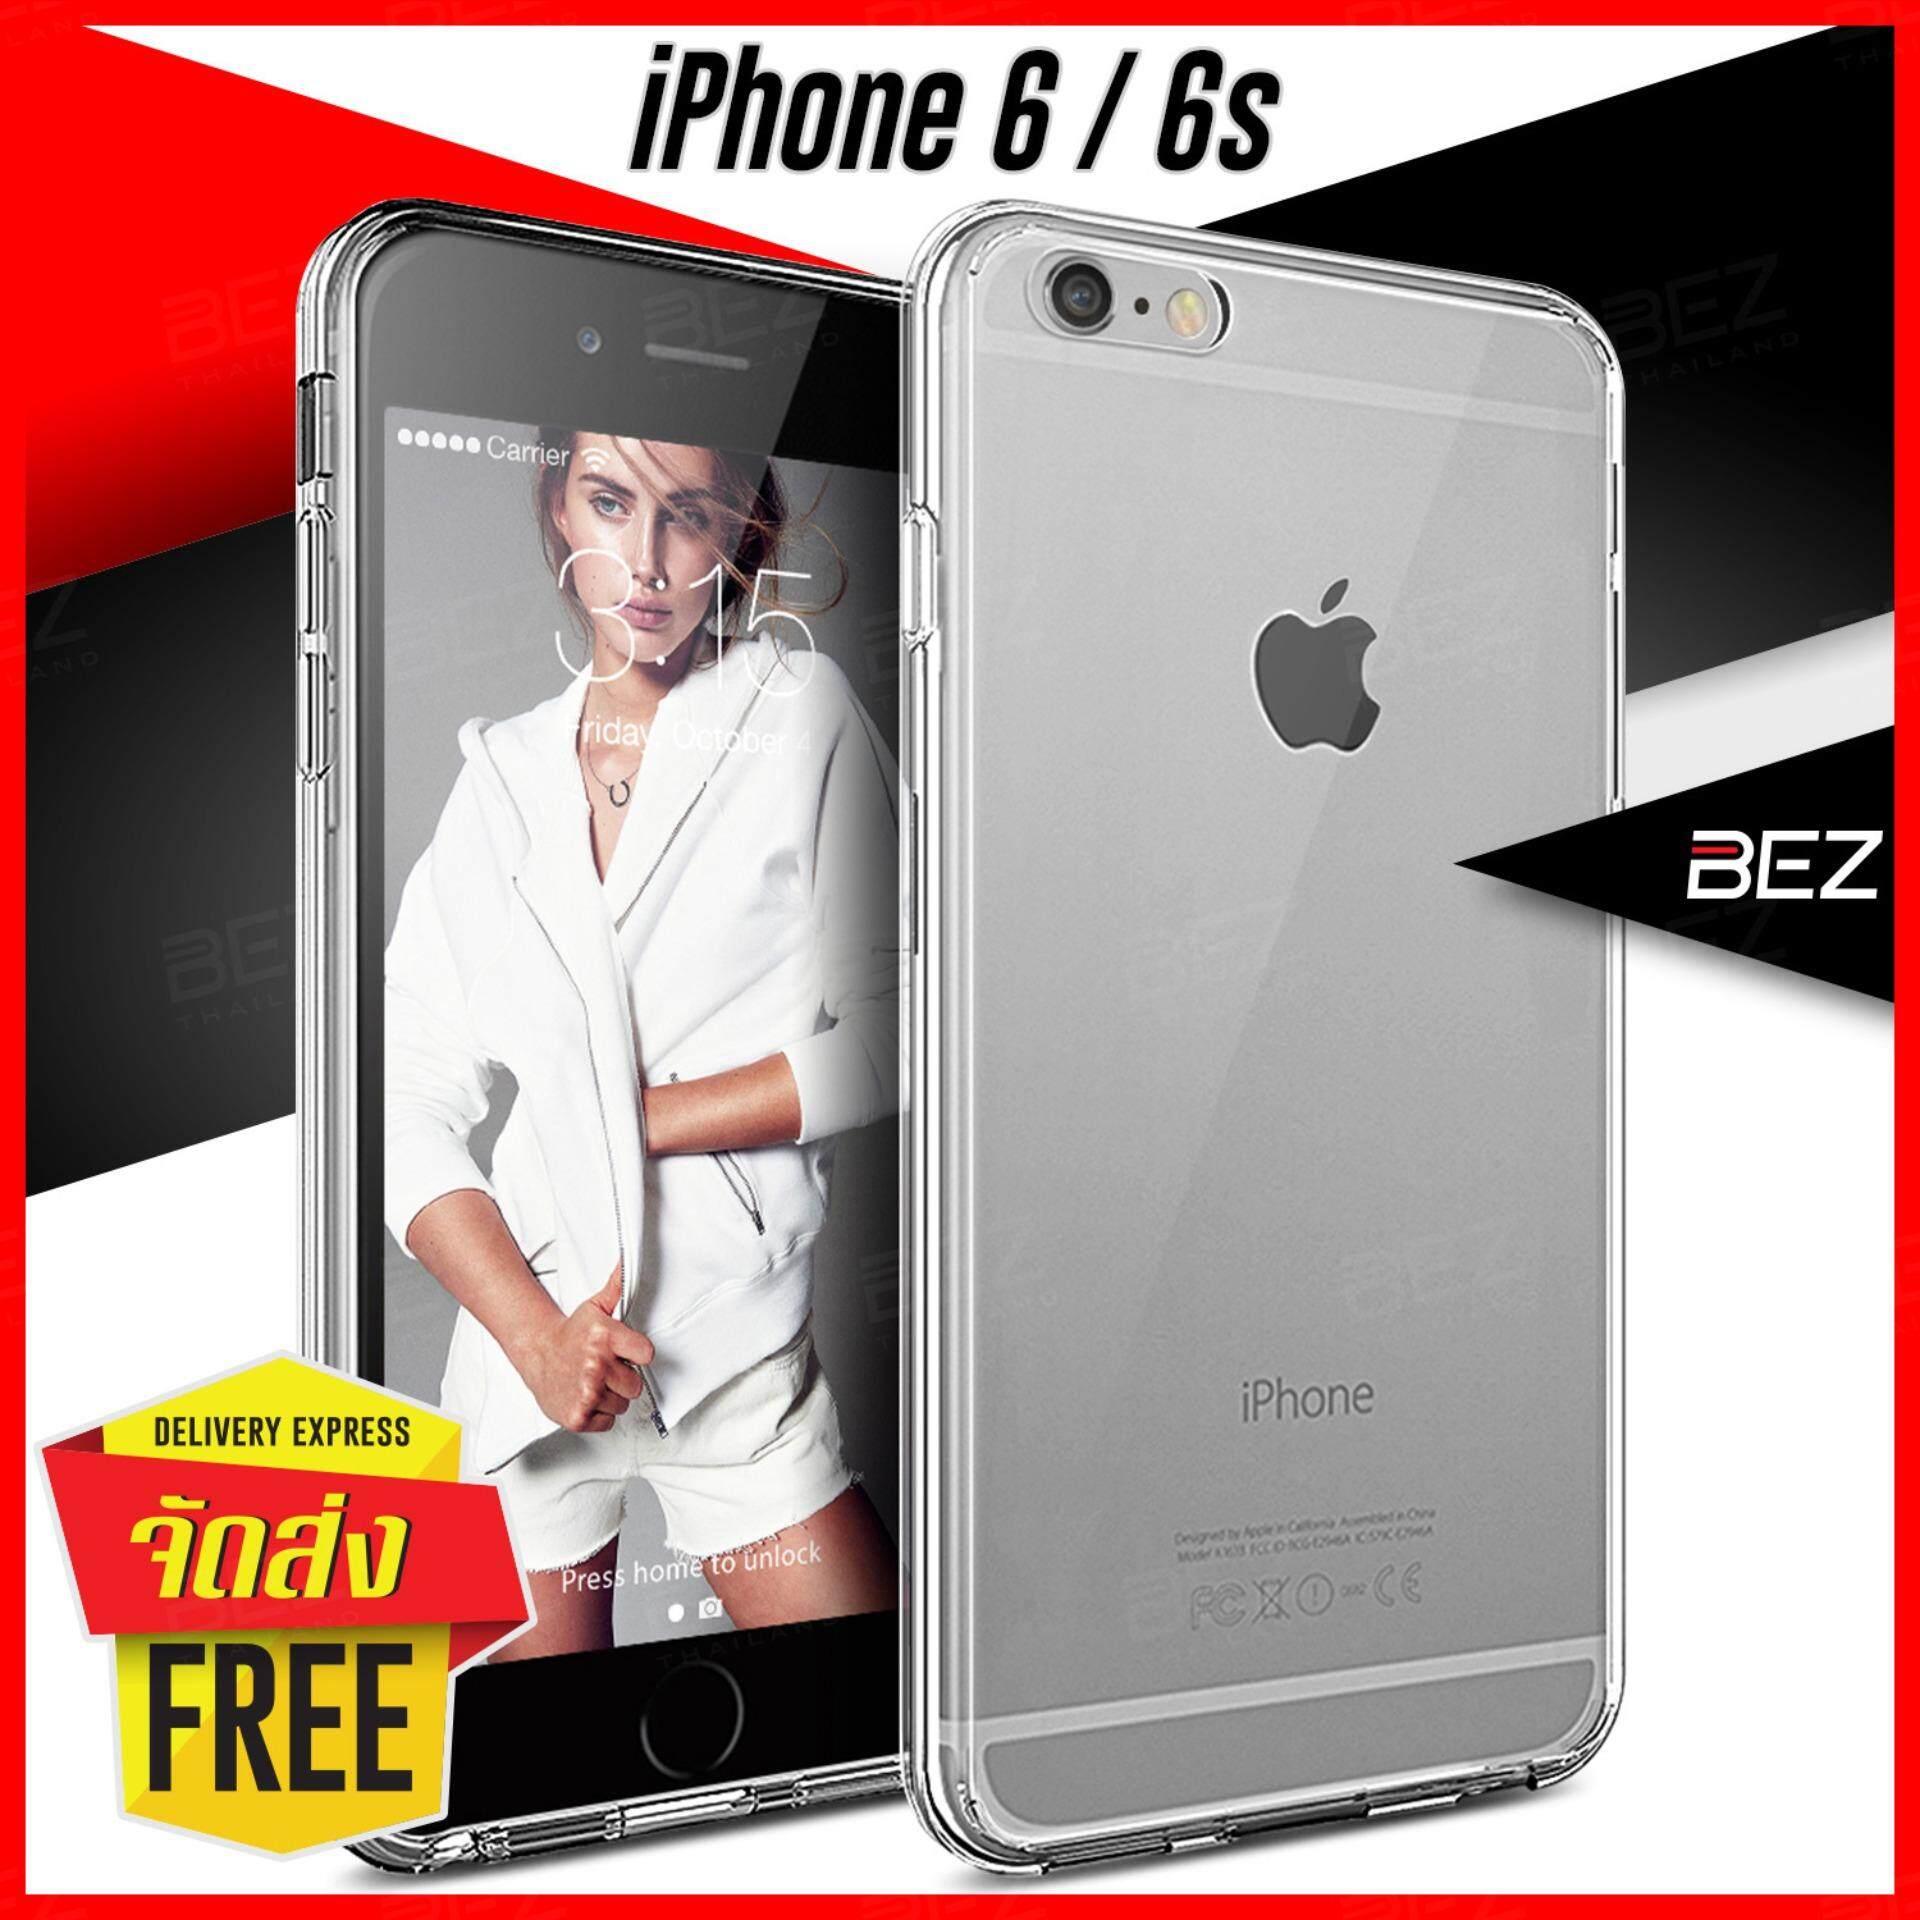 เคสไอโฟน 6s เคส ไอโฟน 6 iPhone 6s Case เคสมือถือ i6 i6s เคสโทรศัพท์ สำหรับ iPhone 6 , iPhone 6s เคสใส กันกระแทก BEZ สีใส เคสฝาหลัง Shockproof Transparent Clear Case  / HT 6G-